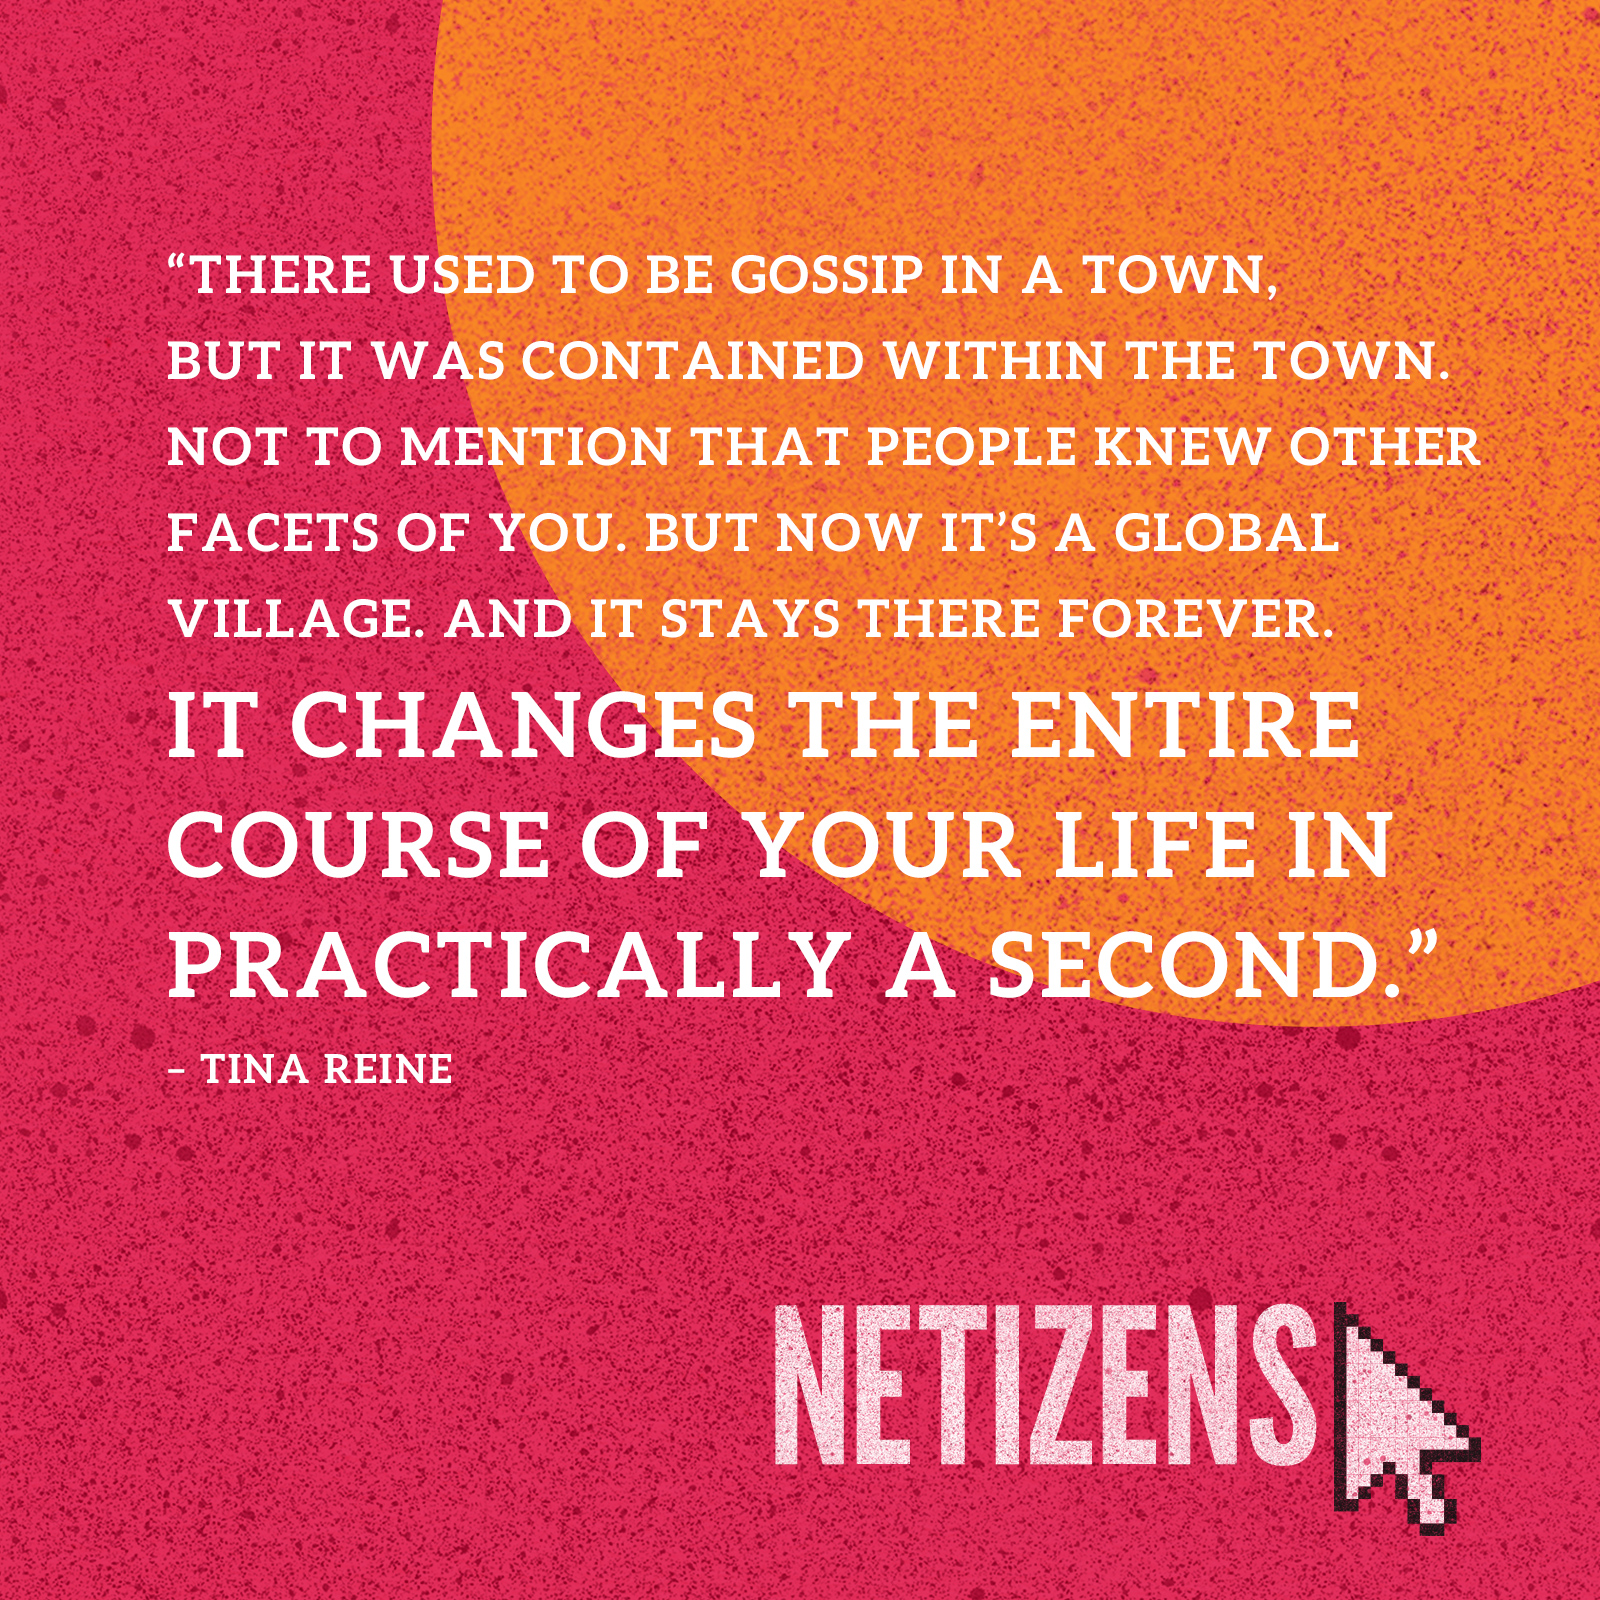 Netizens-SocialImage-3-v1.jpg